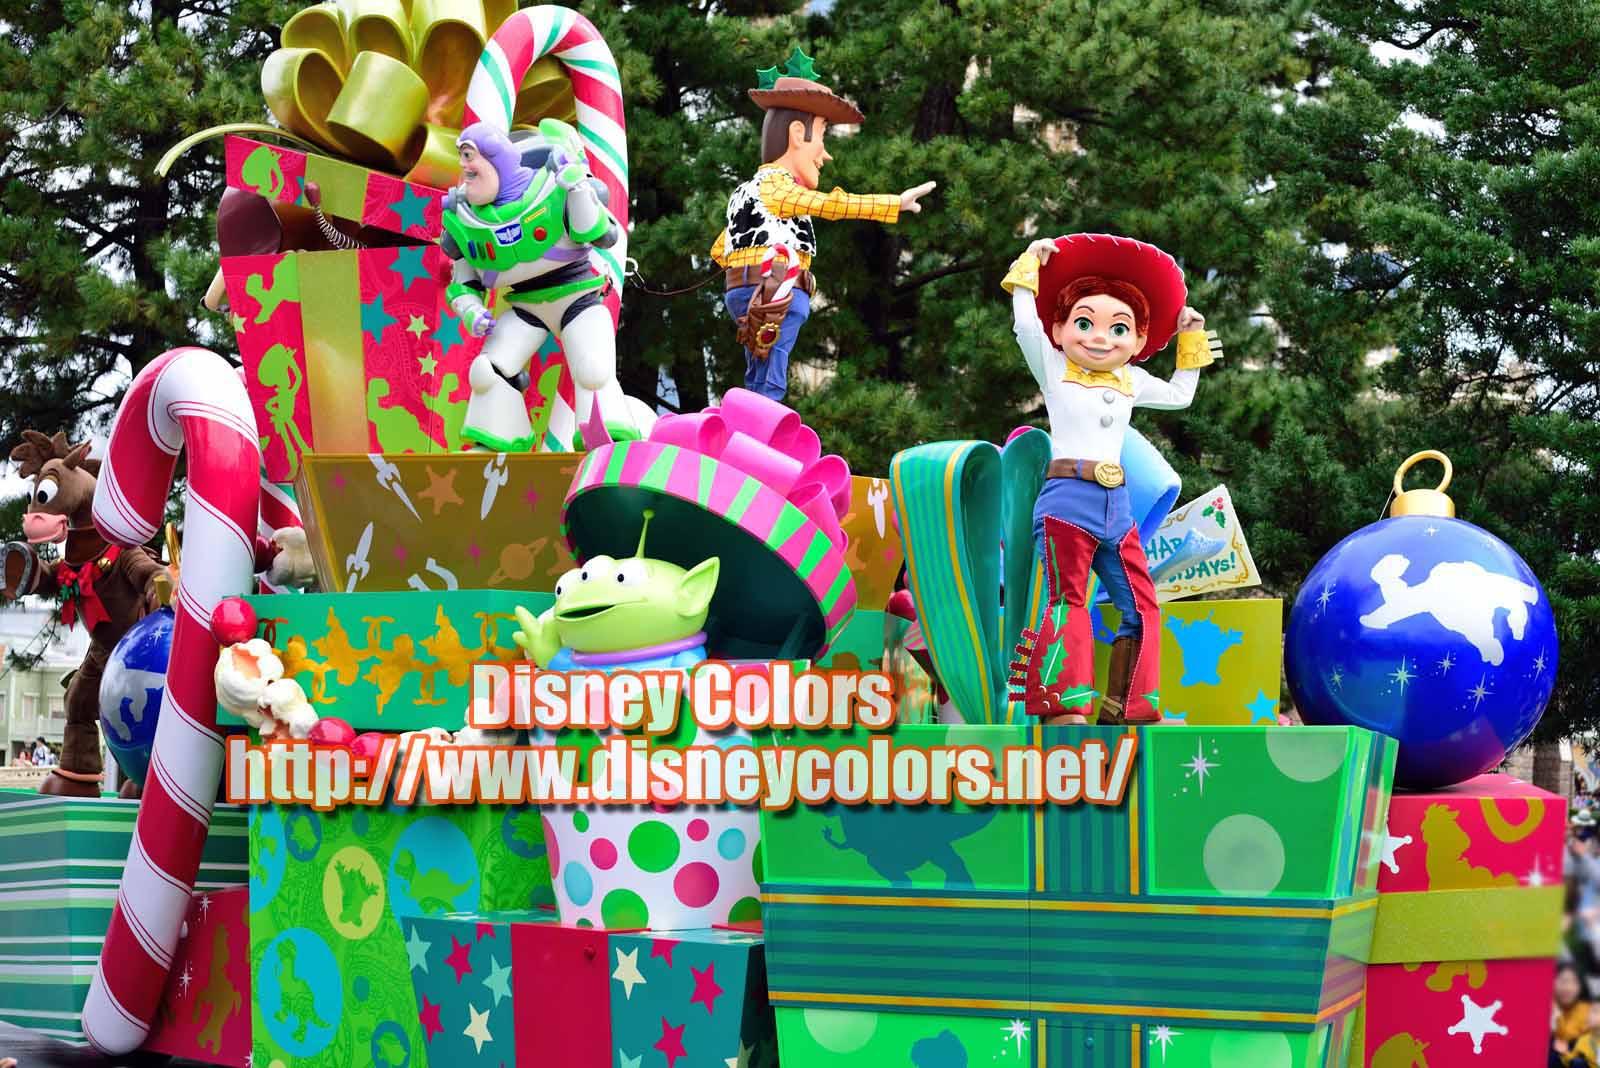 ディズニー・クリスマス・ストーリーズ2019 ウッディ ジェシー バズ ブルズアイ